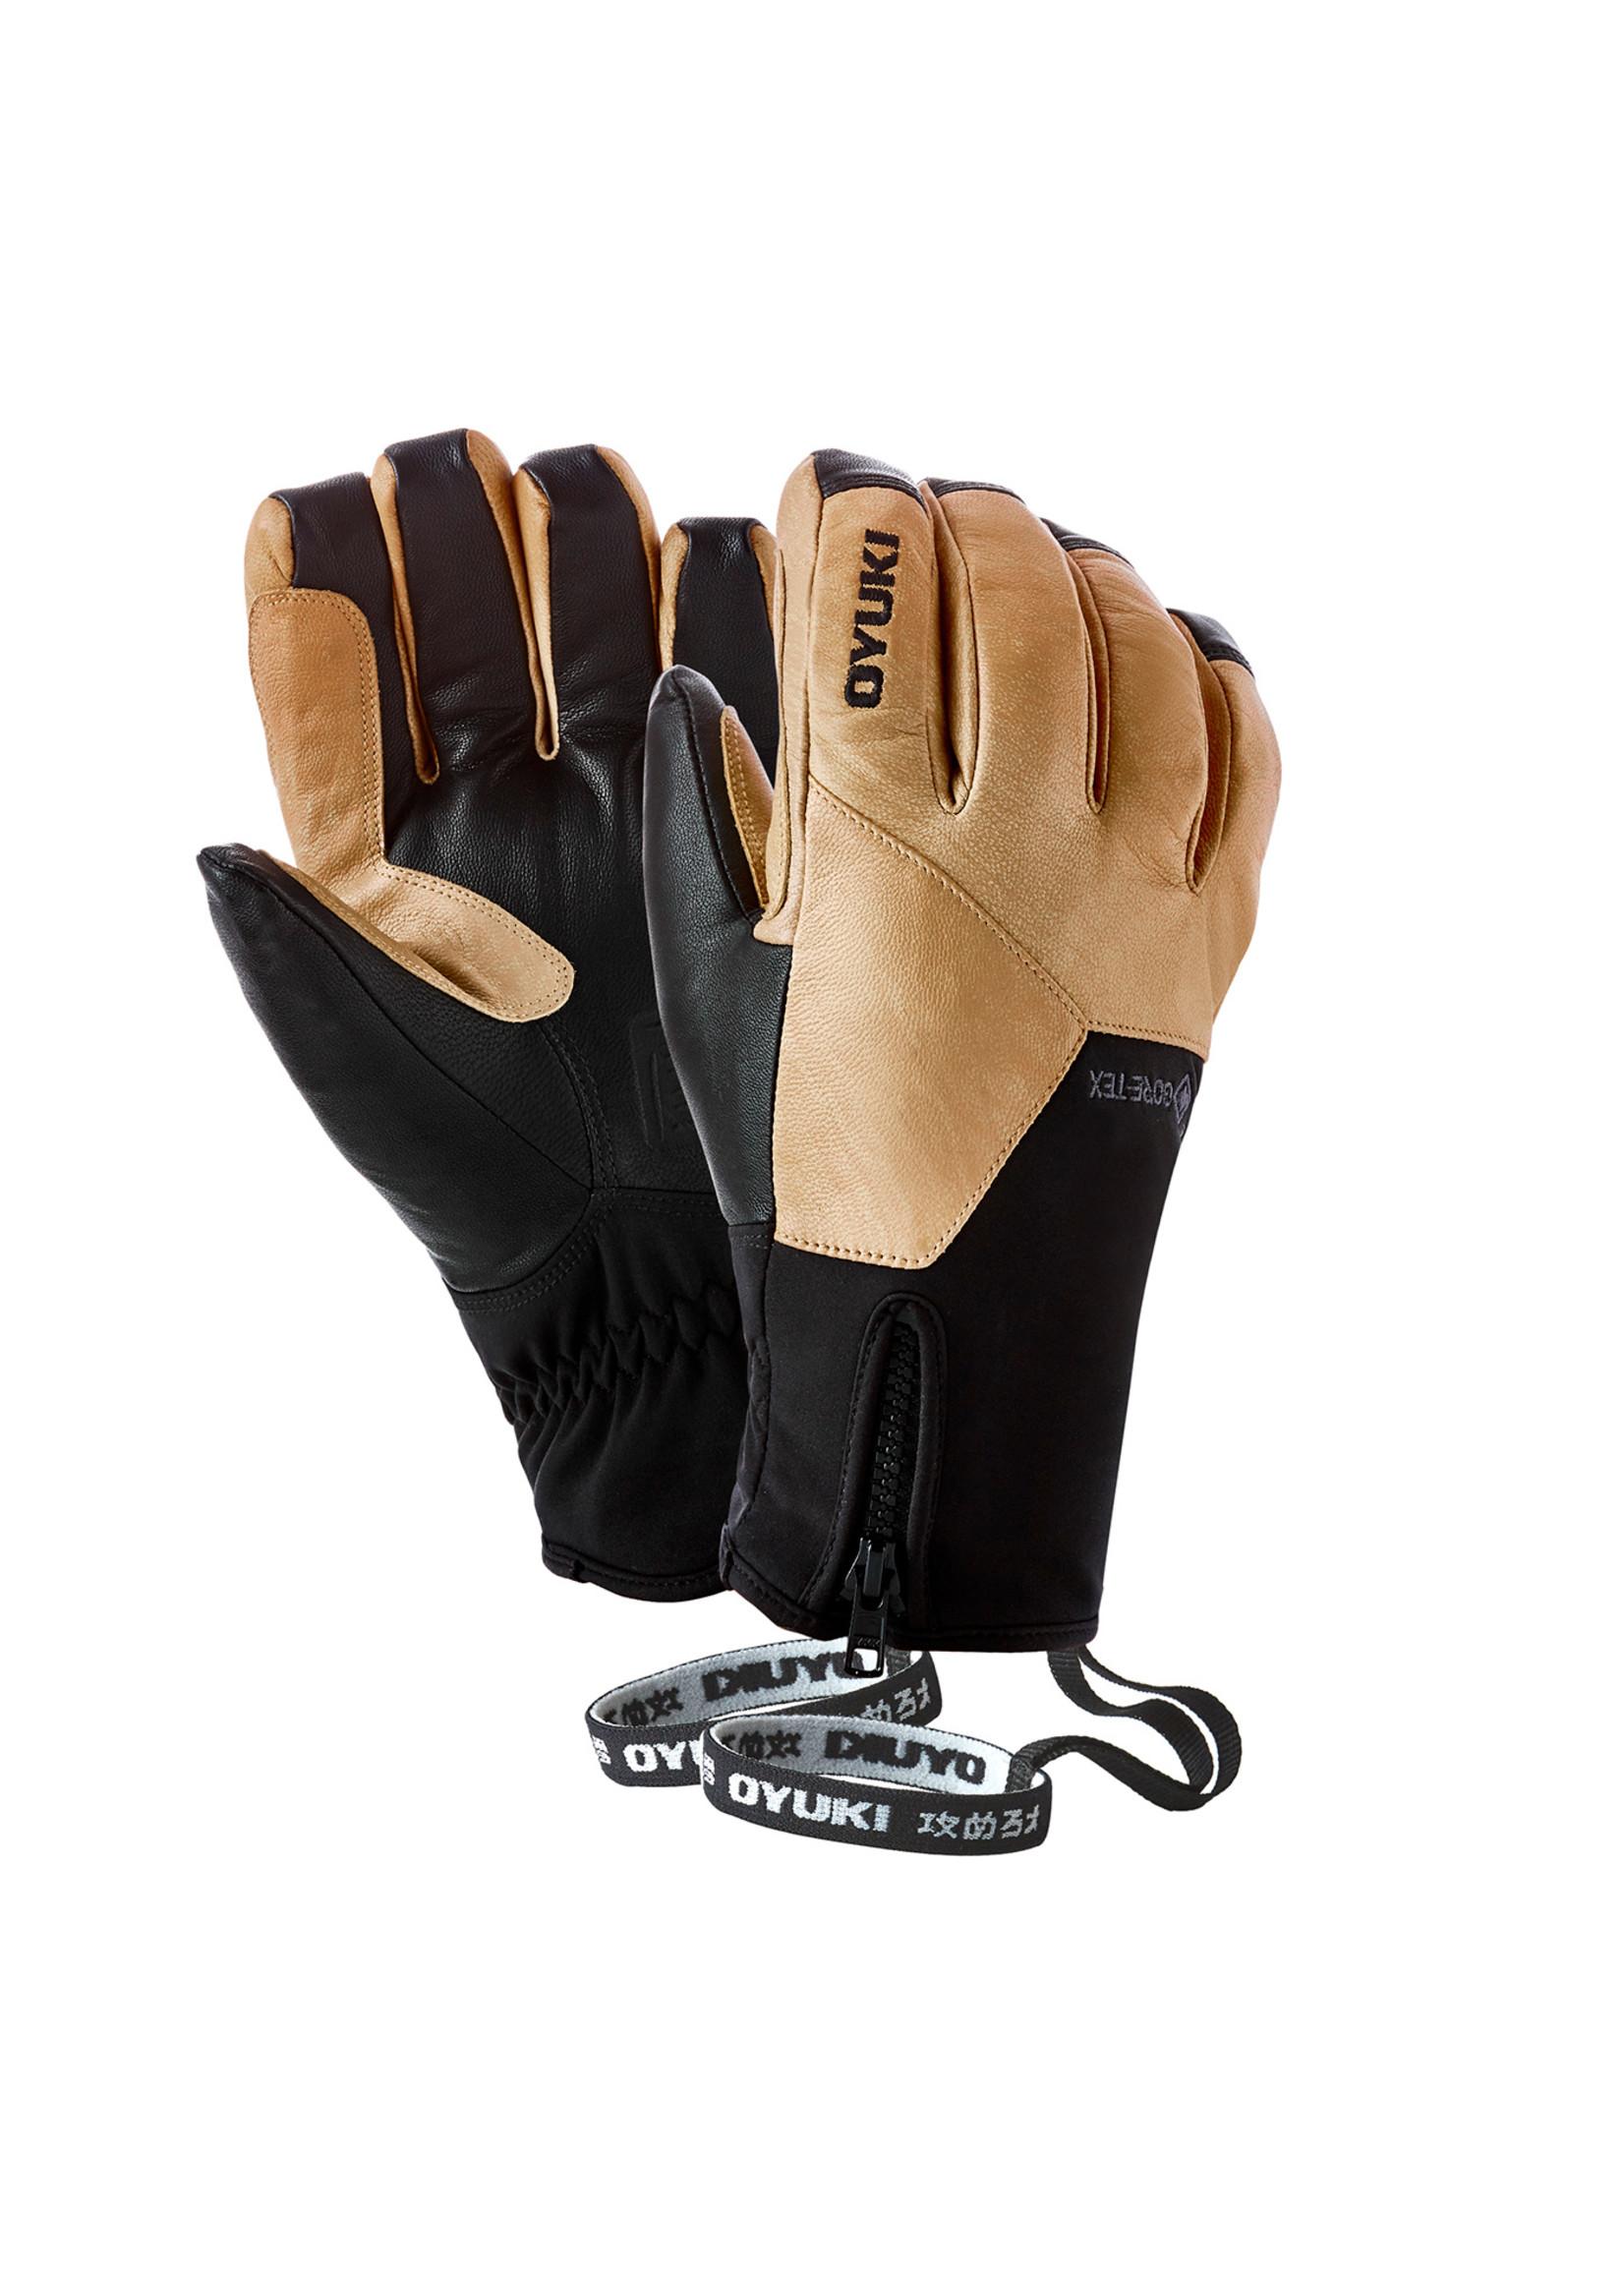 Tamashii Glove